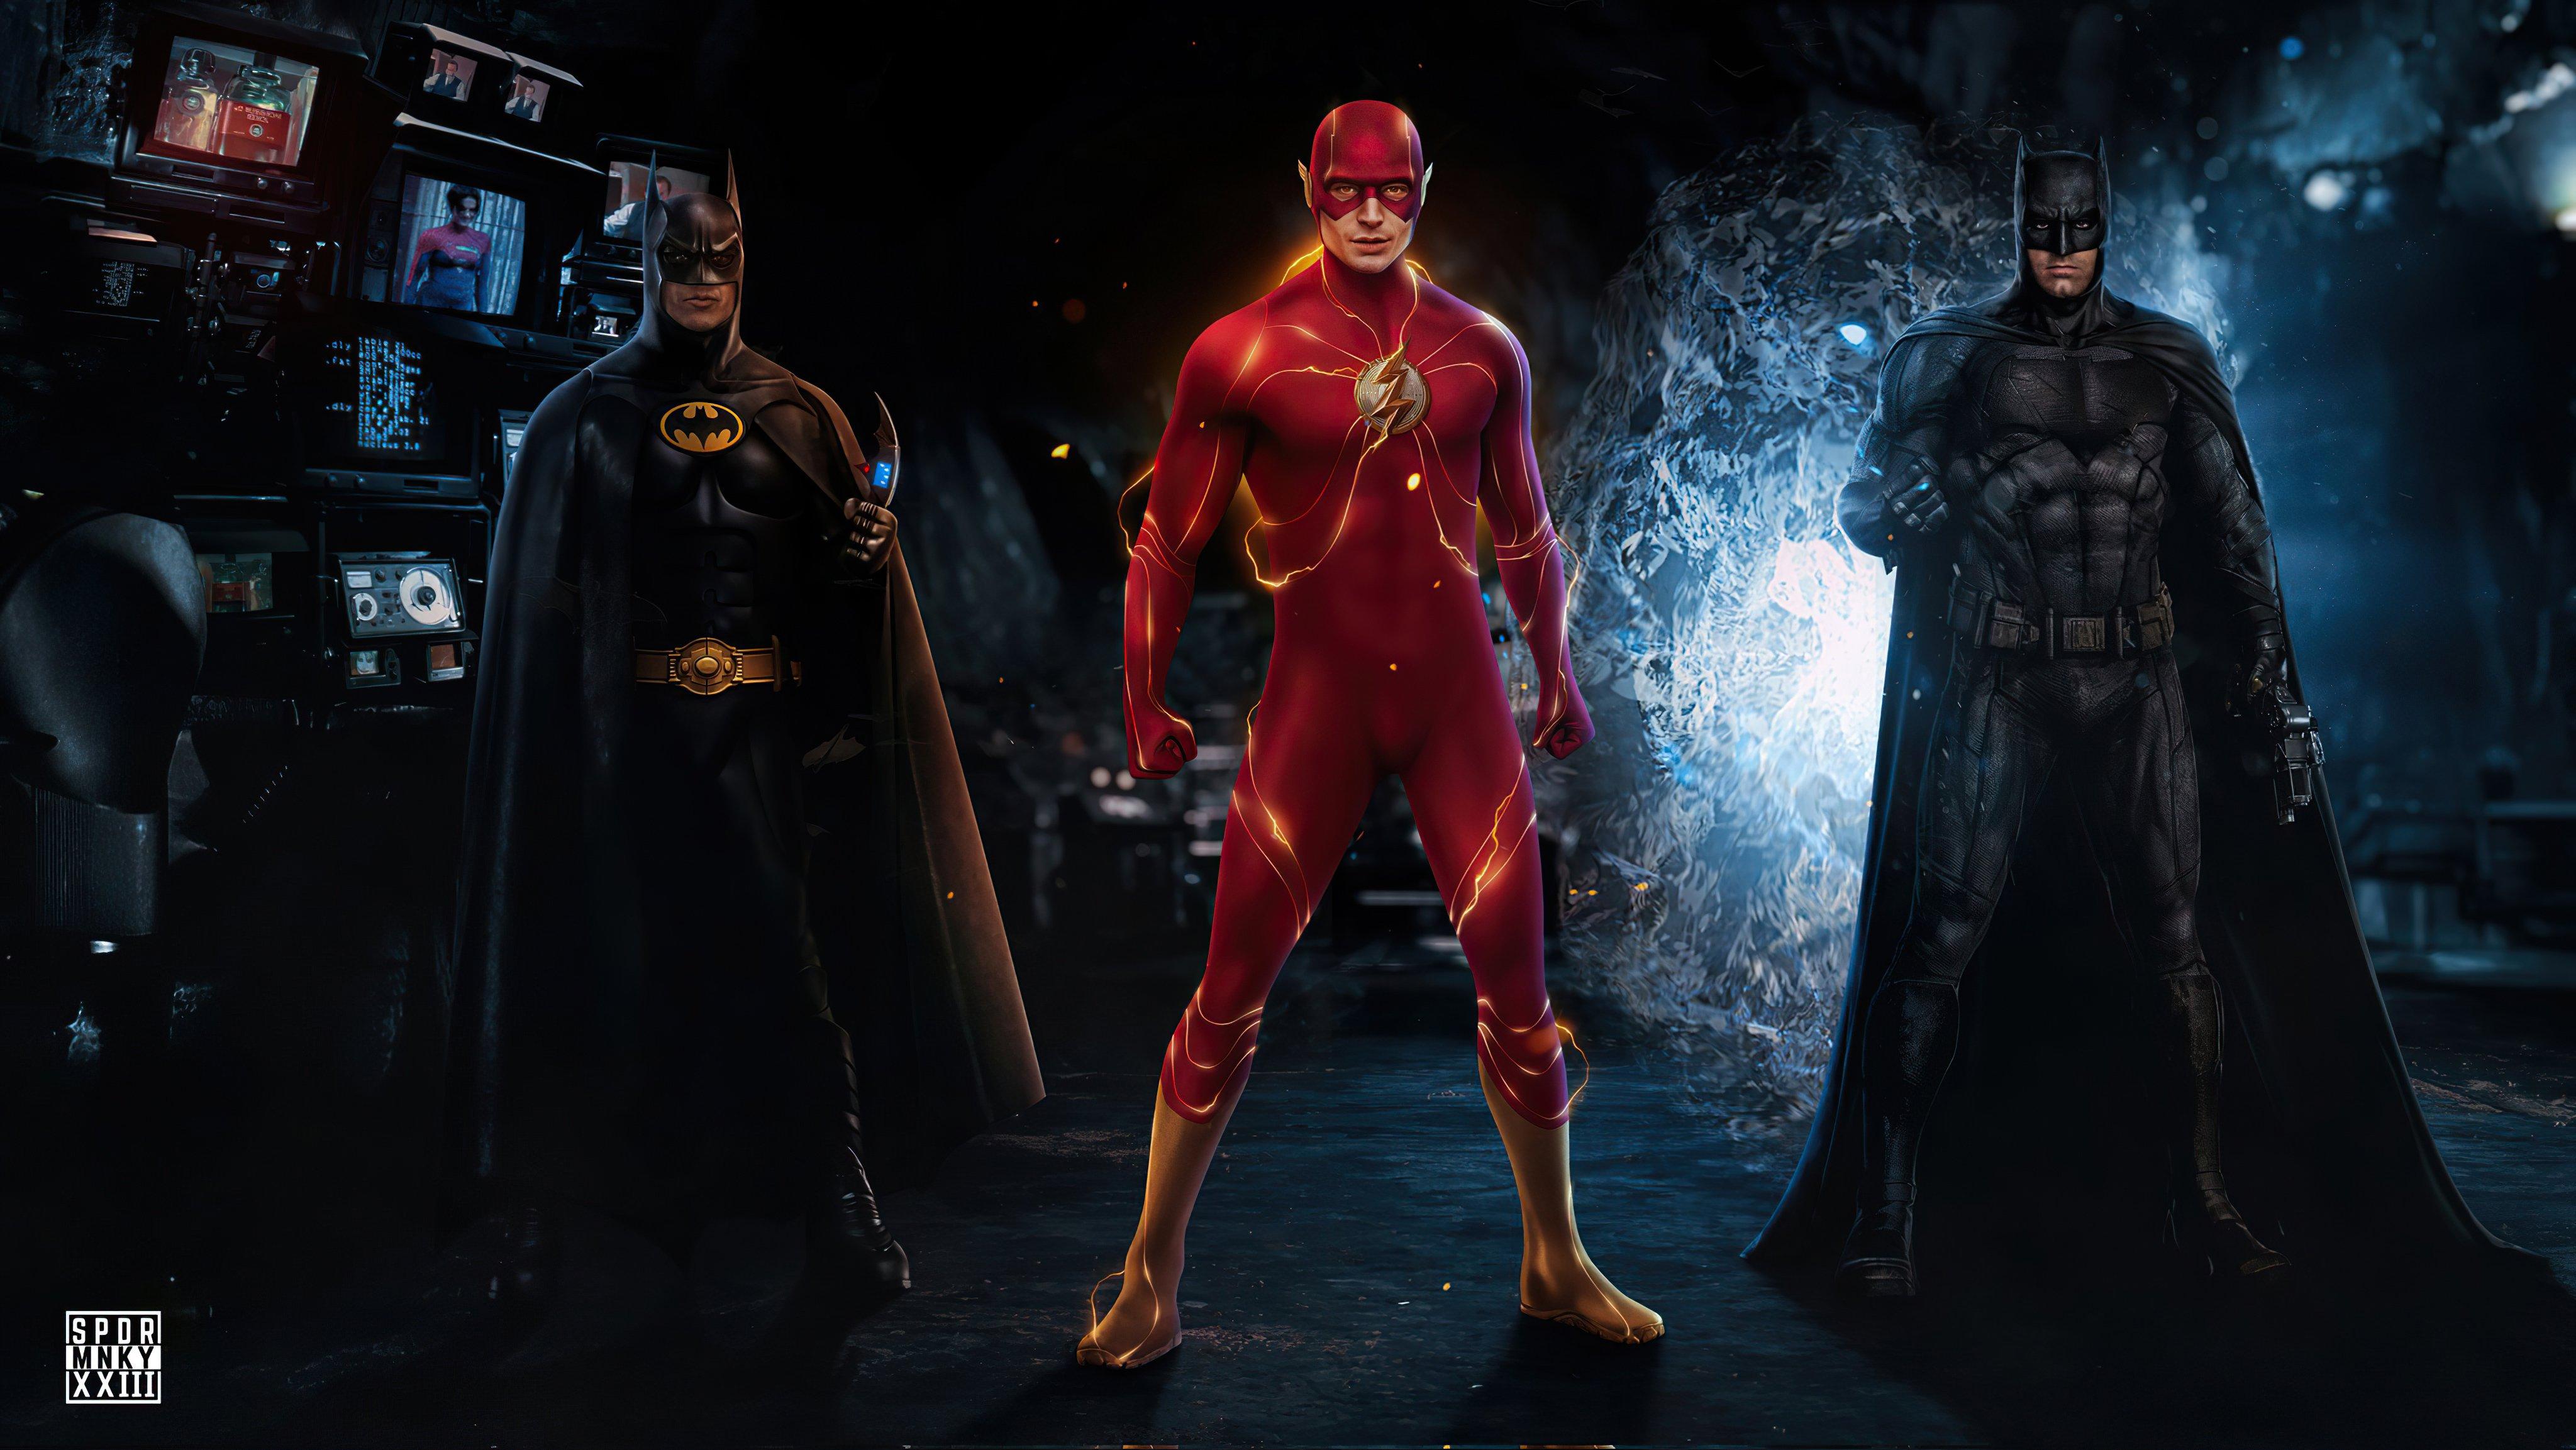 Fondos de pantalla The Flash 2022